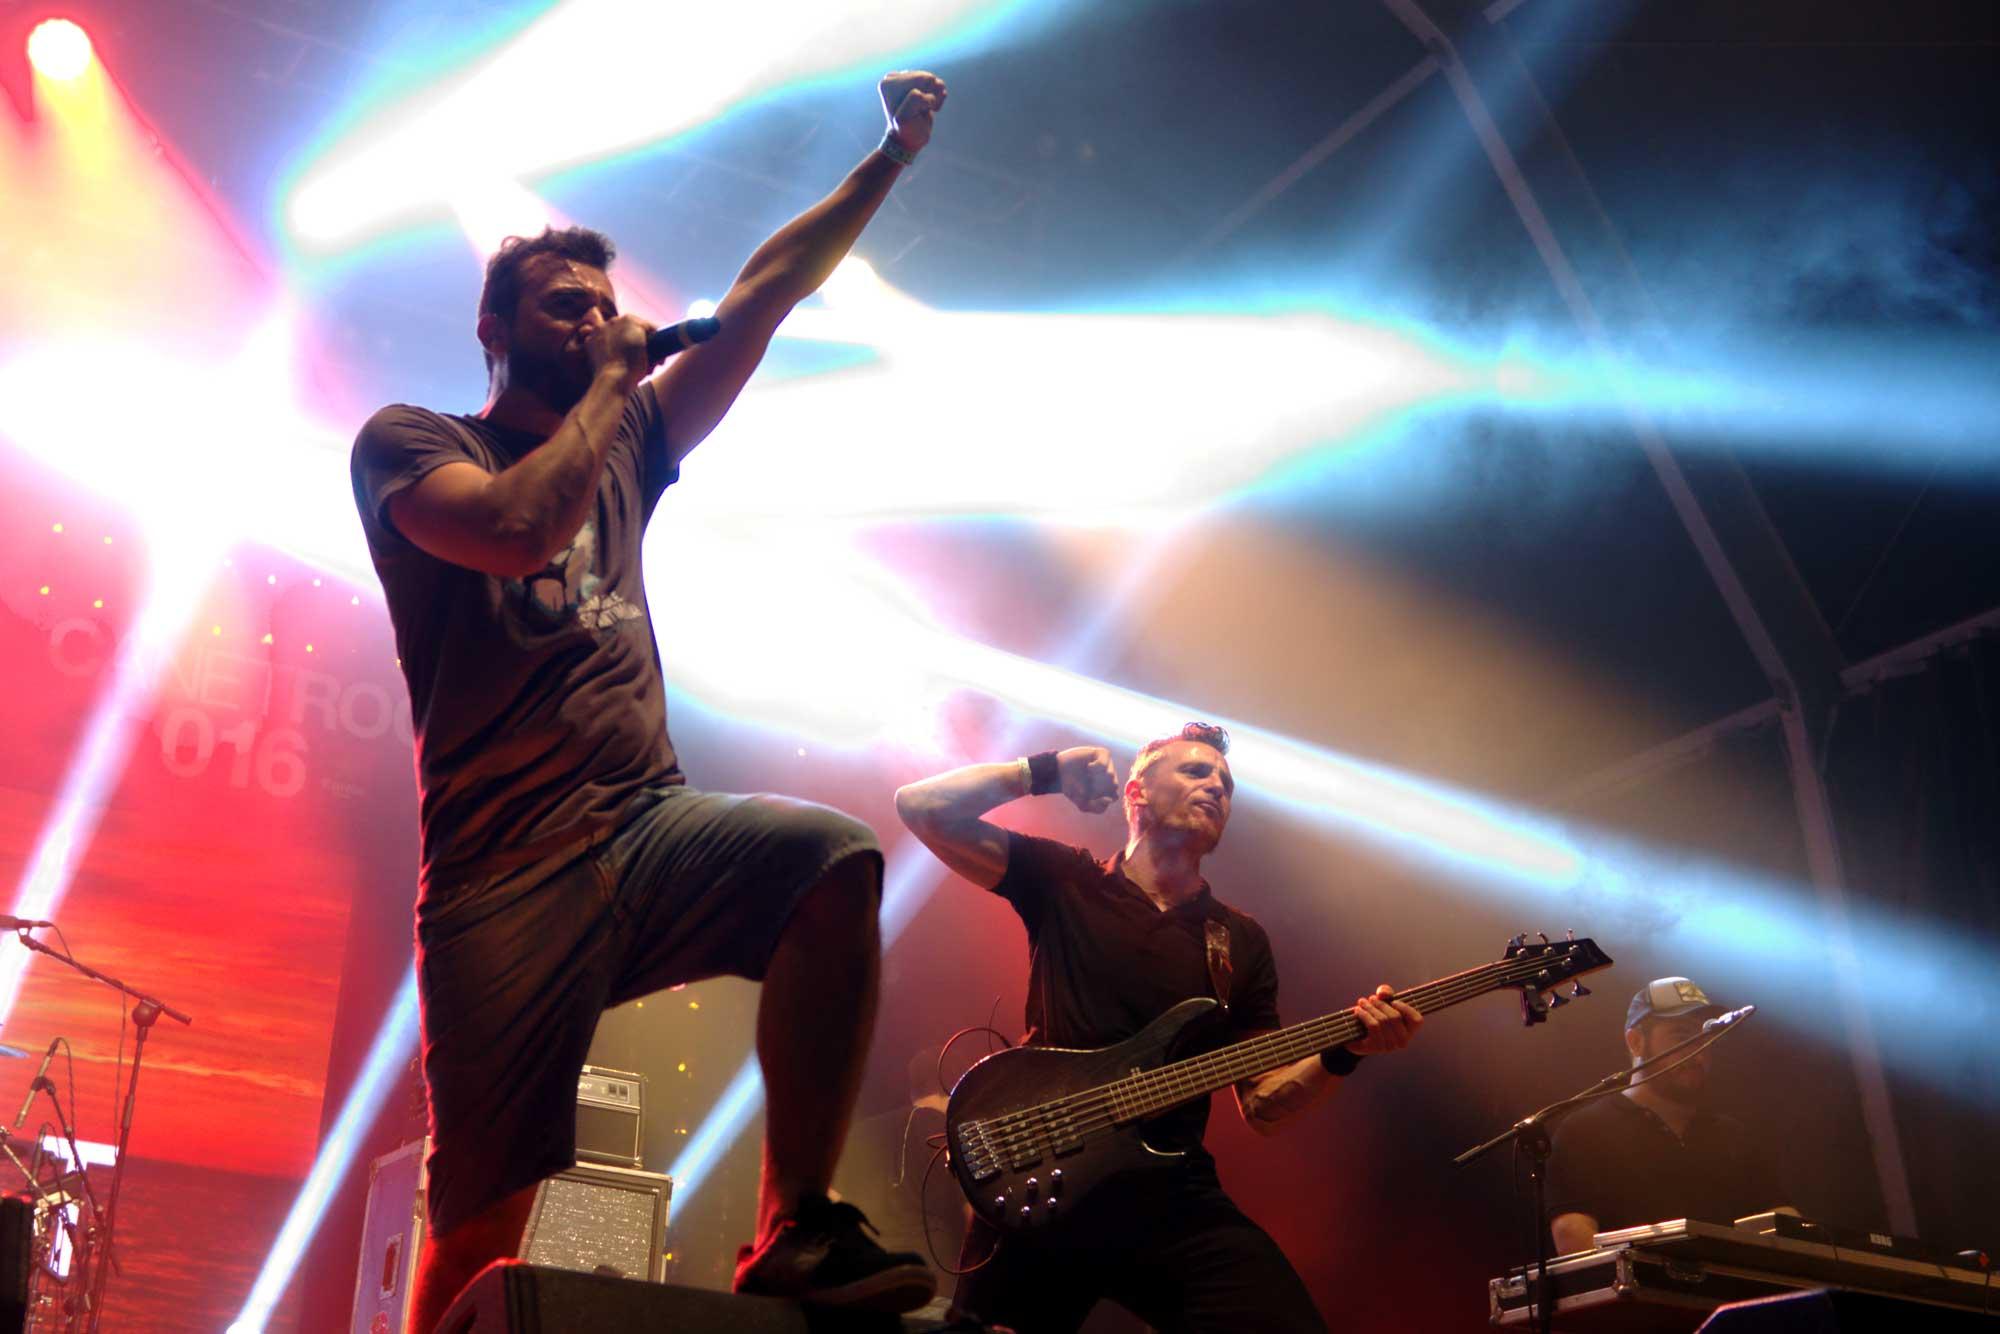 El cantant Kiko Tur, en primer pla amb el braç en alt, i el baixista Xavi Arias, durant la seva actuació al Canet Rock 2016.